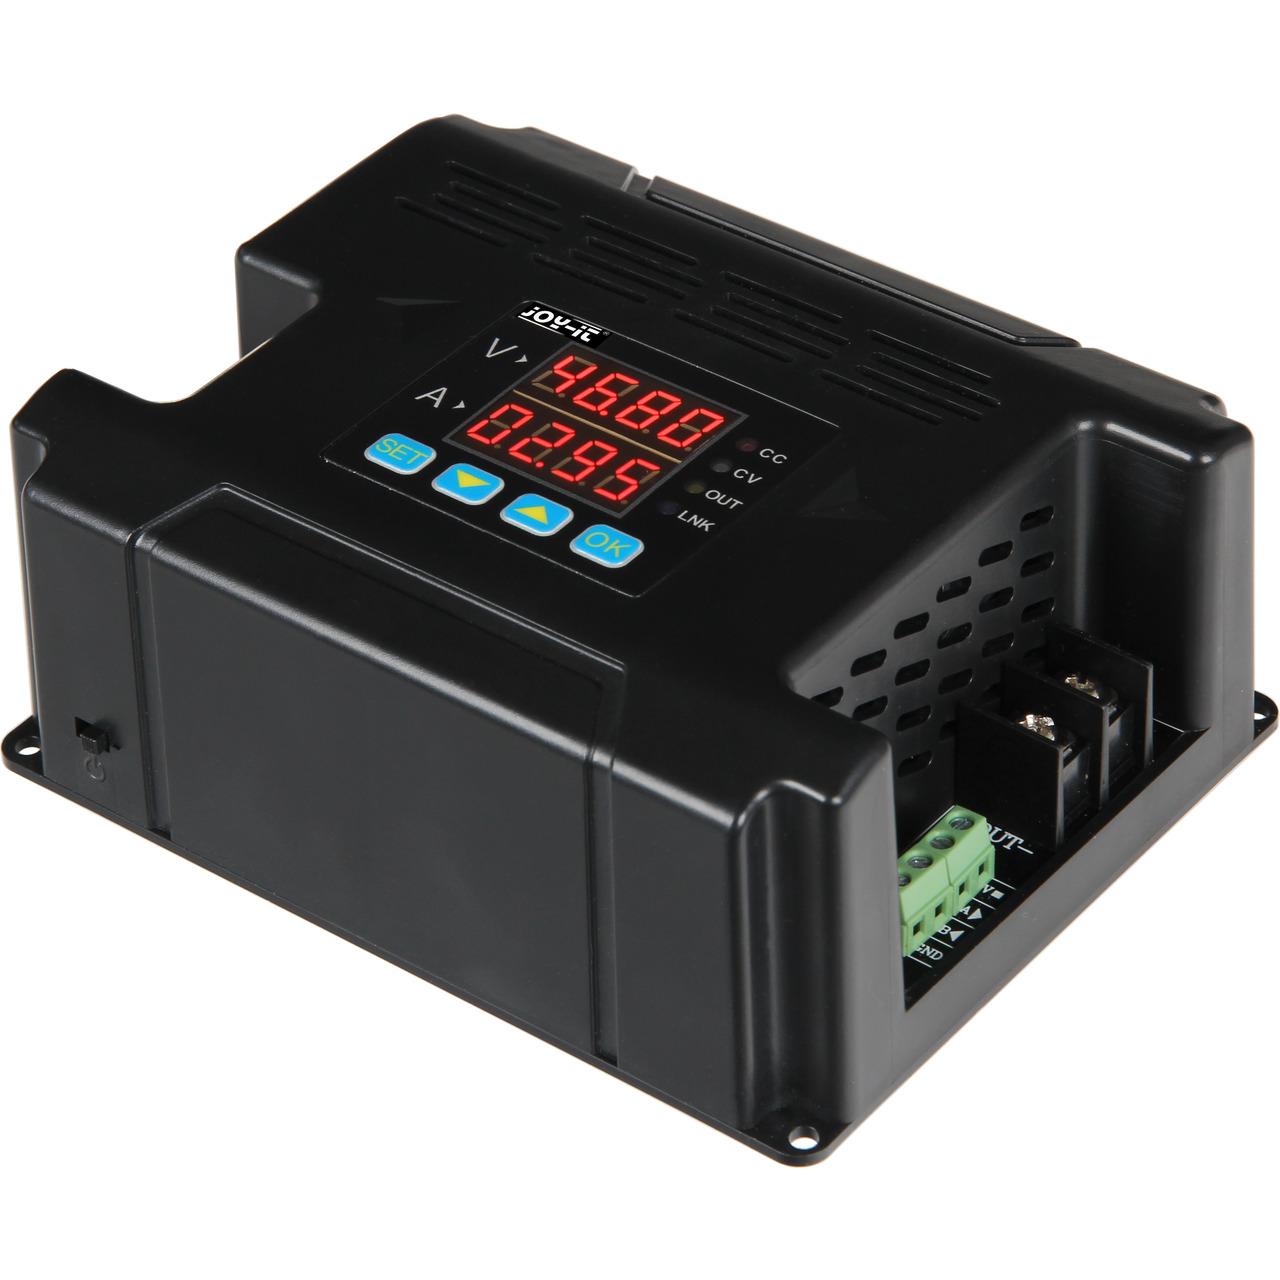 Joy-IT-programmierbares Labornetzgerät JT-DPM8624- 0-60 V-0-24 A- max- 1440 W